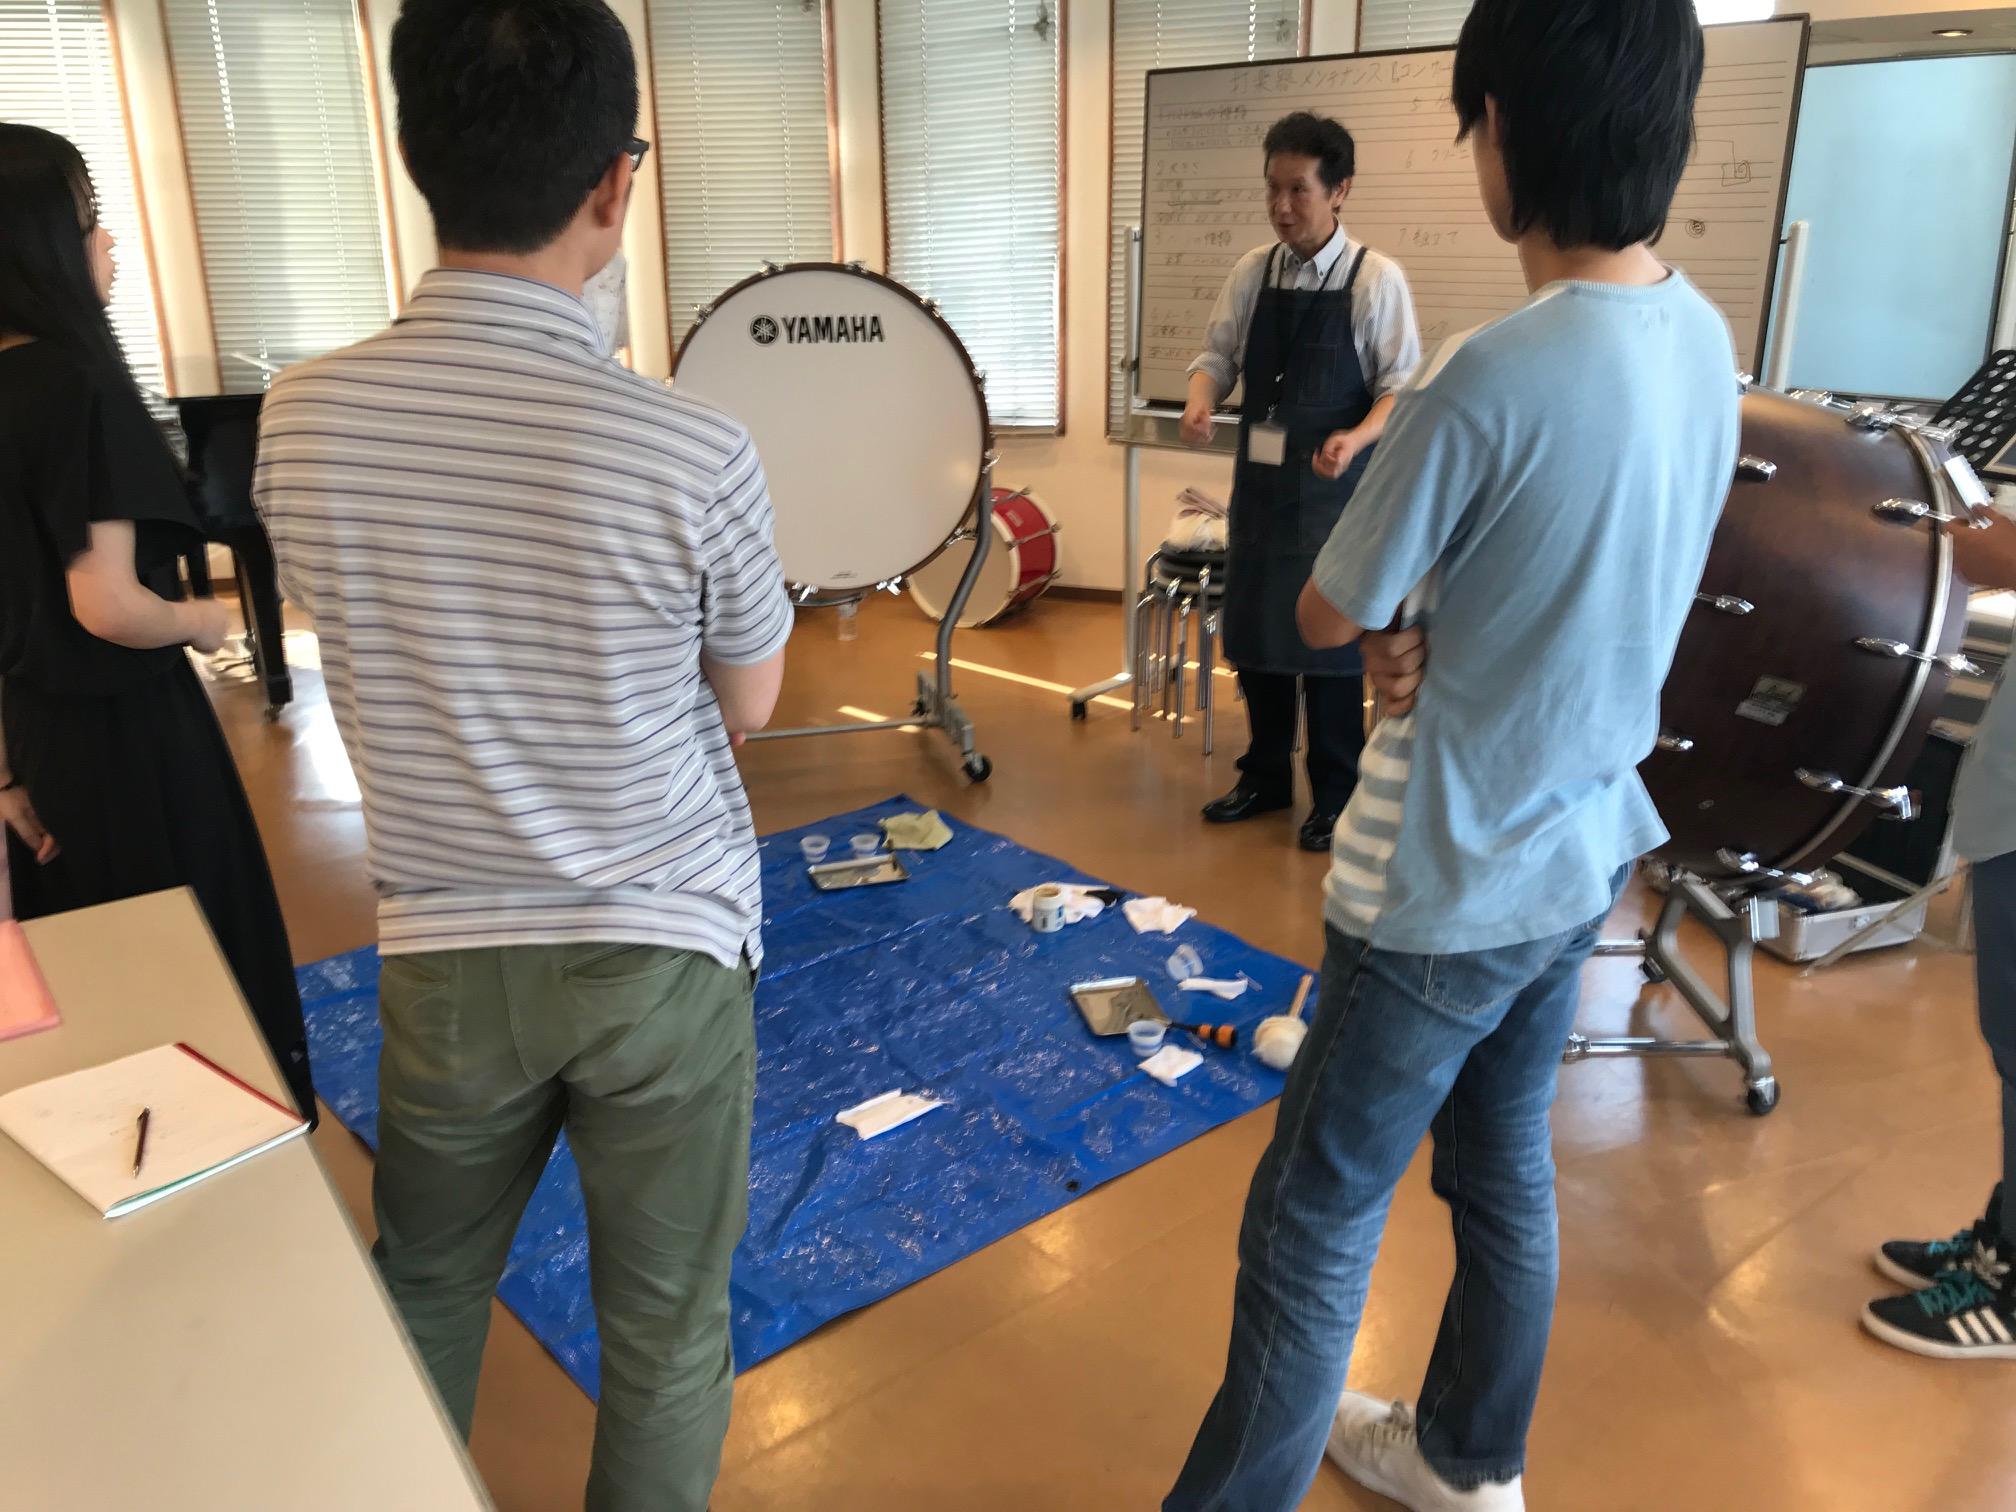 教室中央にブルーシートを敷き、パーツクリーニングをレクチャーする石井さんと参加者。